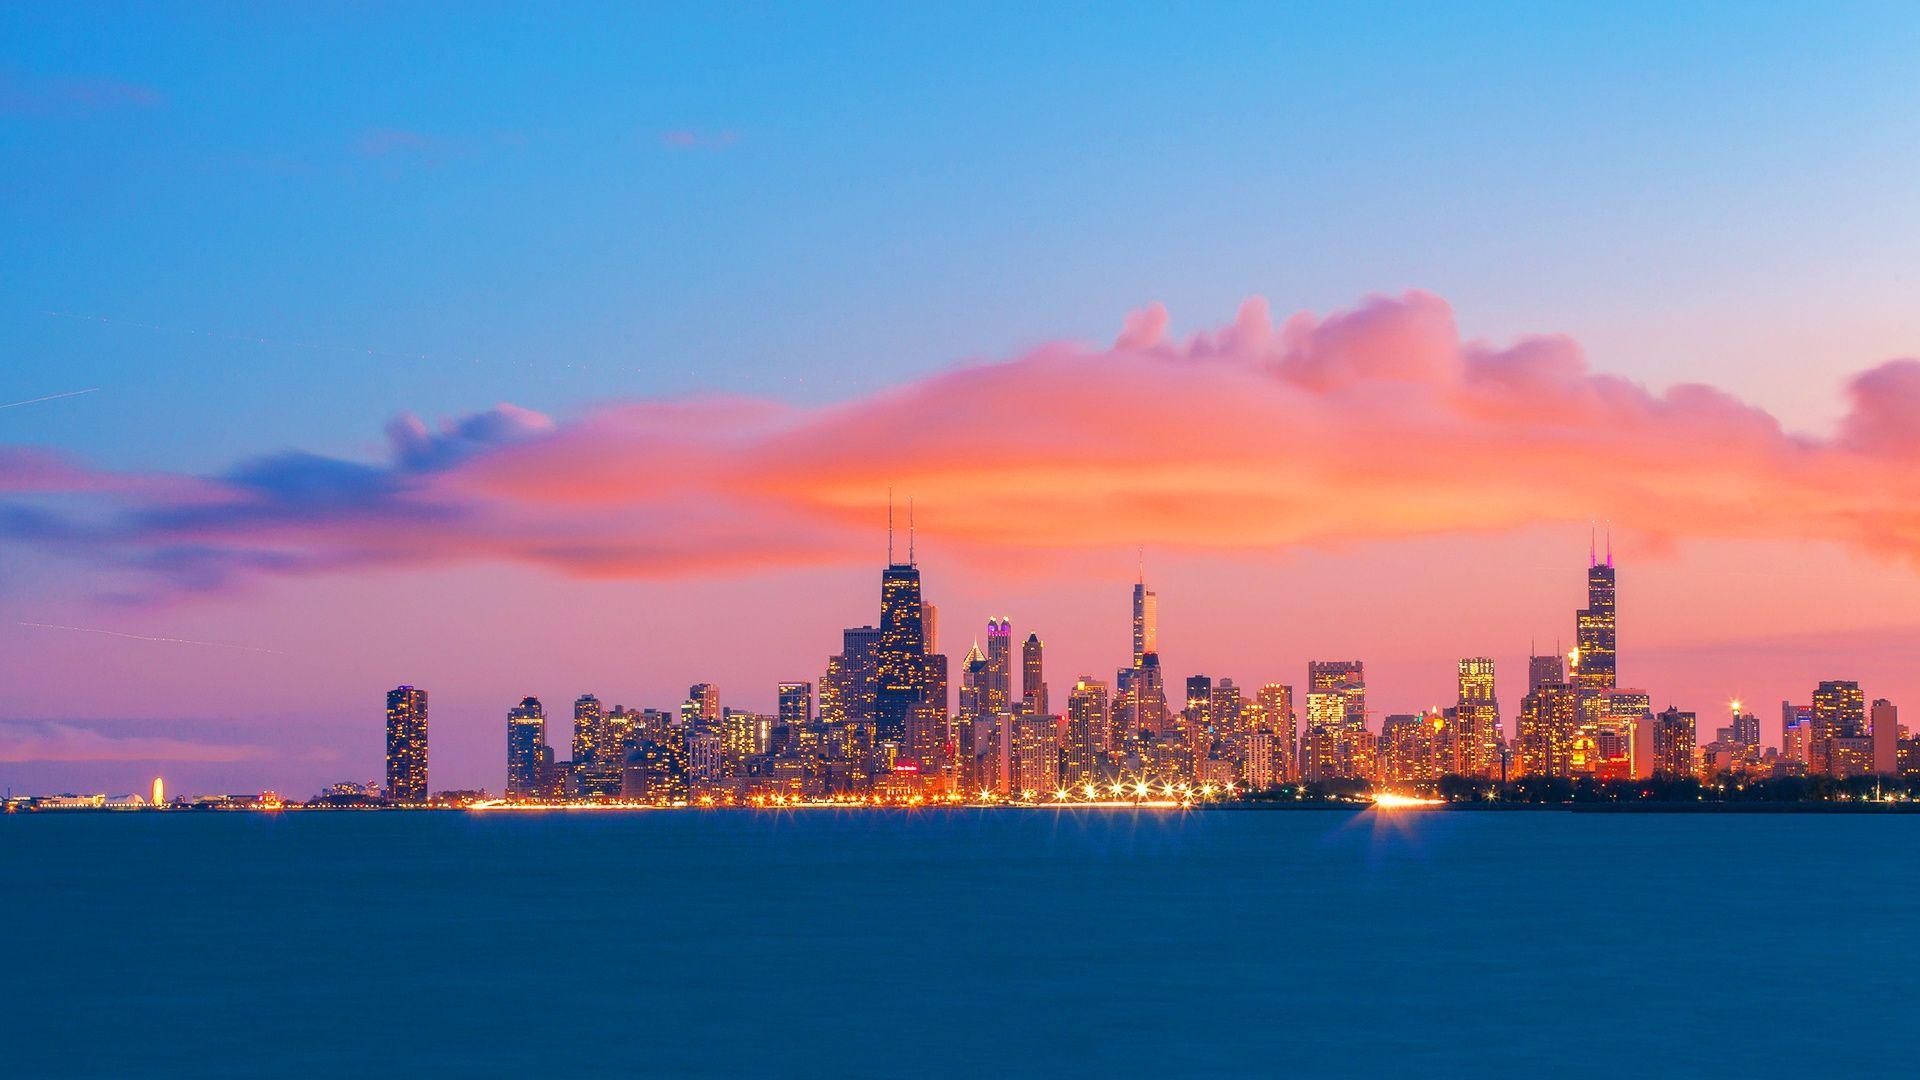 Chicago skyline sunset wallpaper – cbeb skies